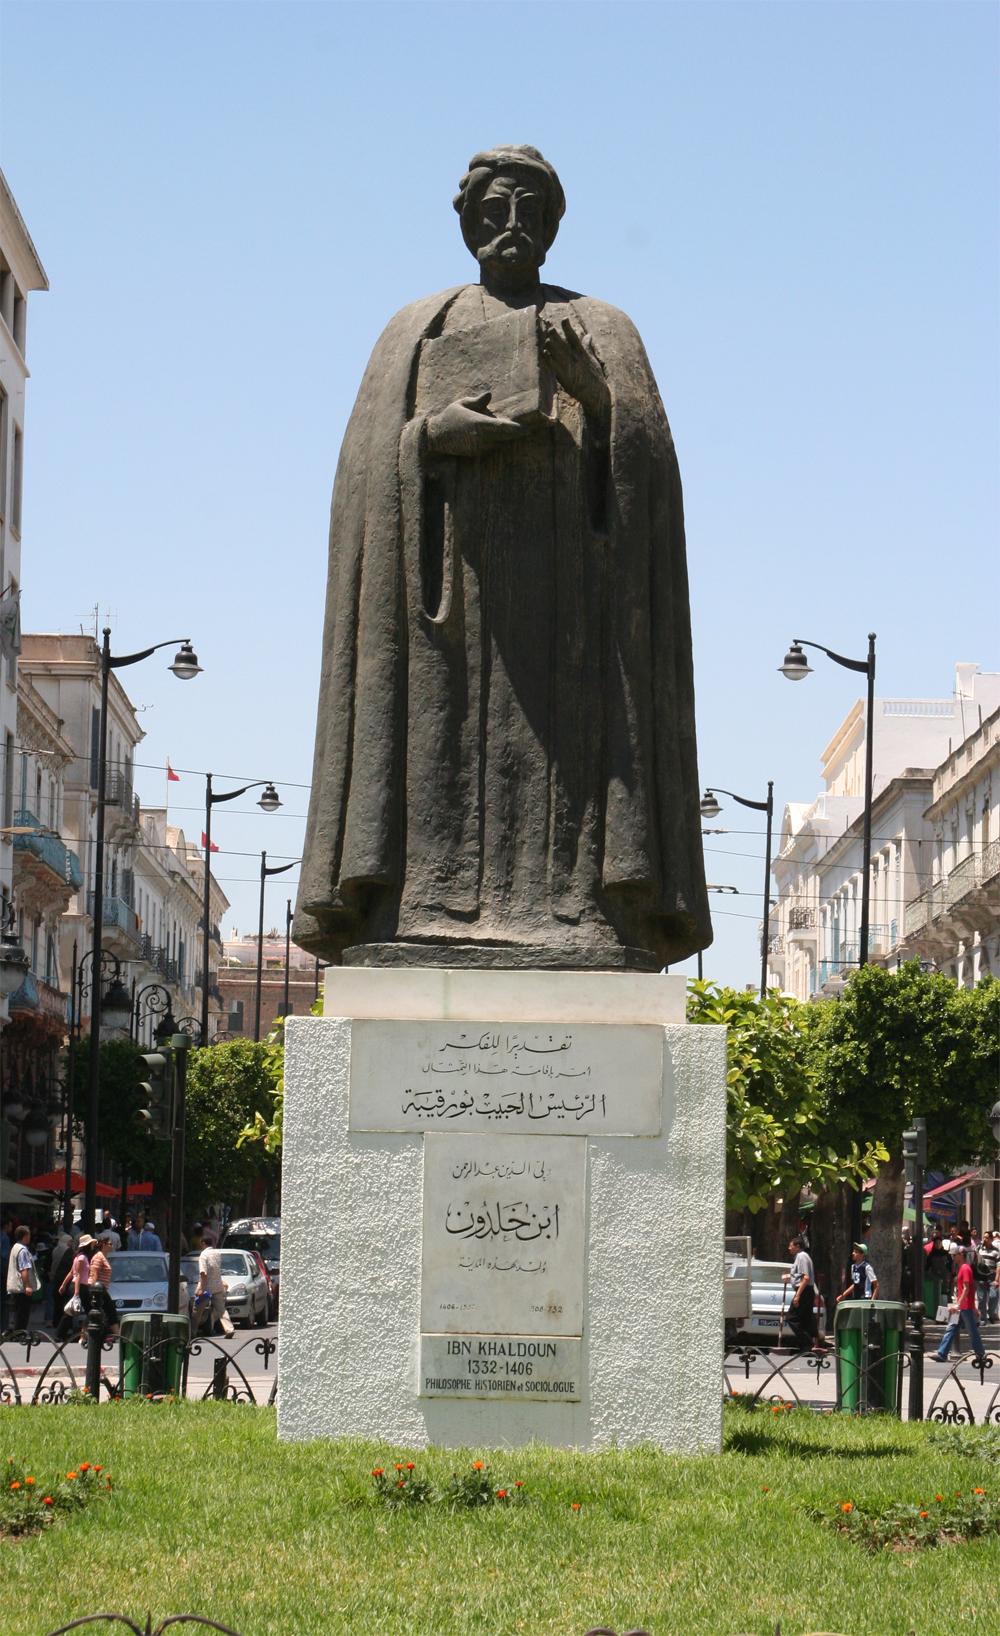 ibn khaldoun essay